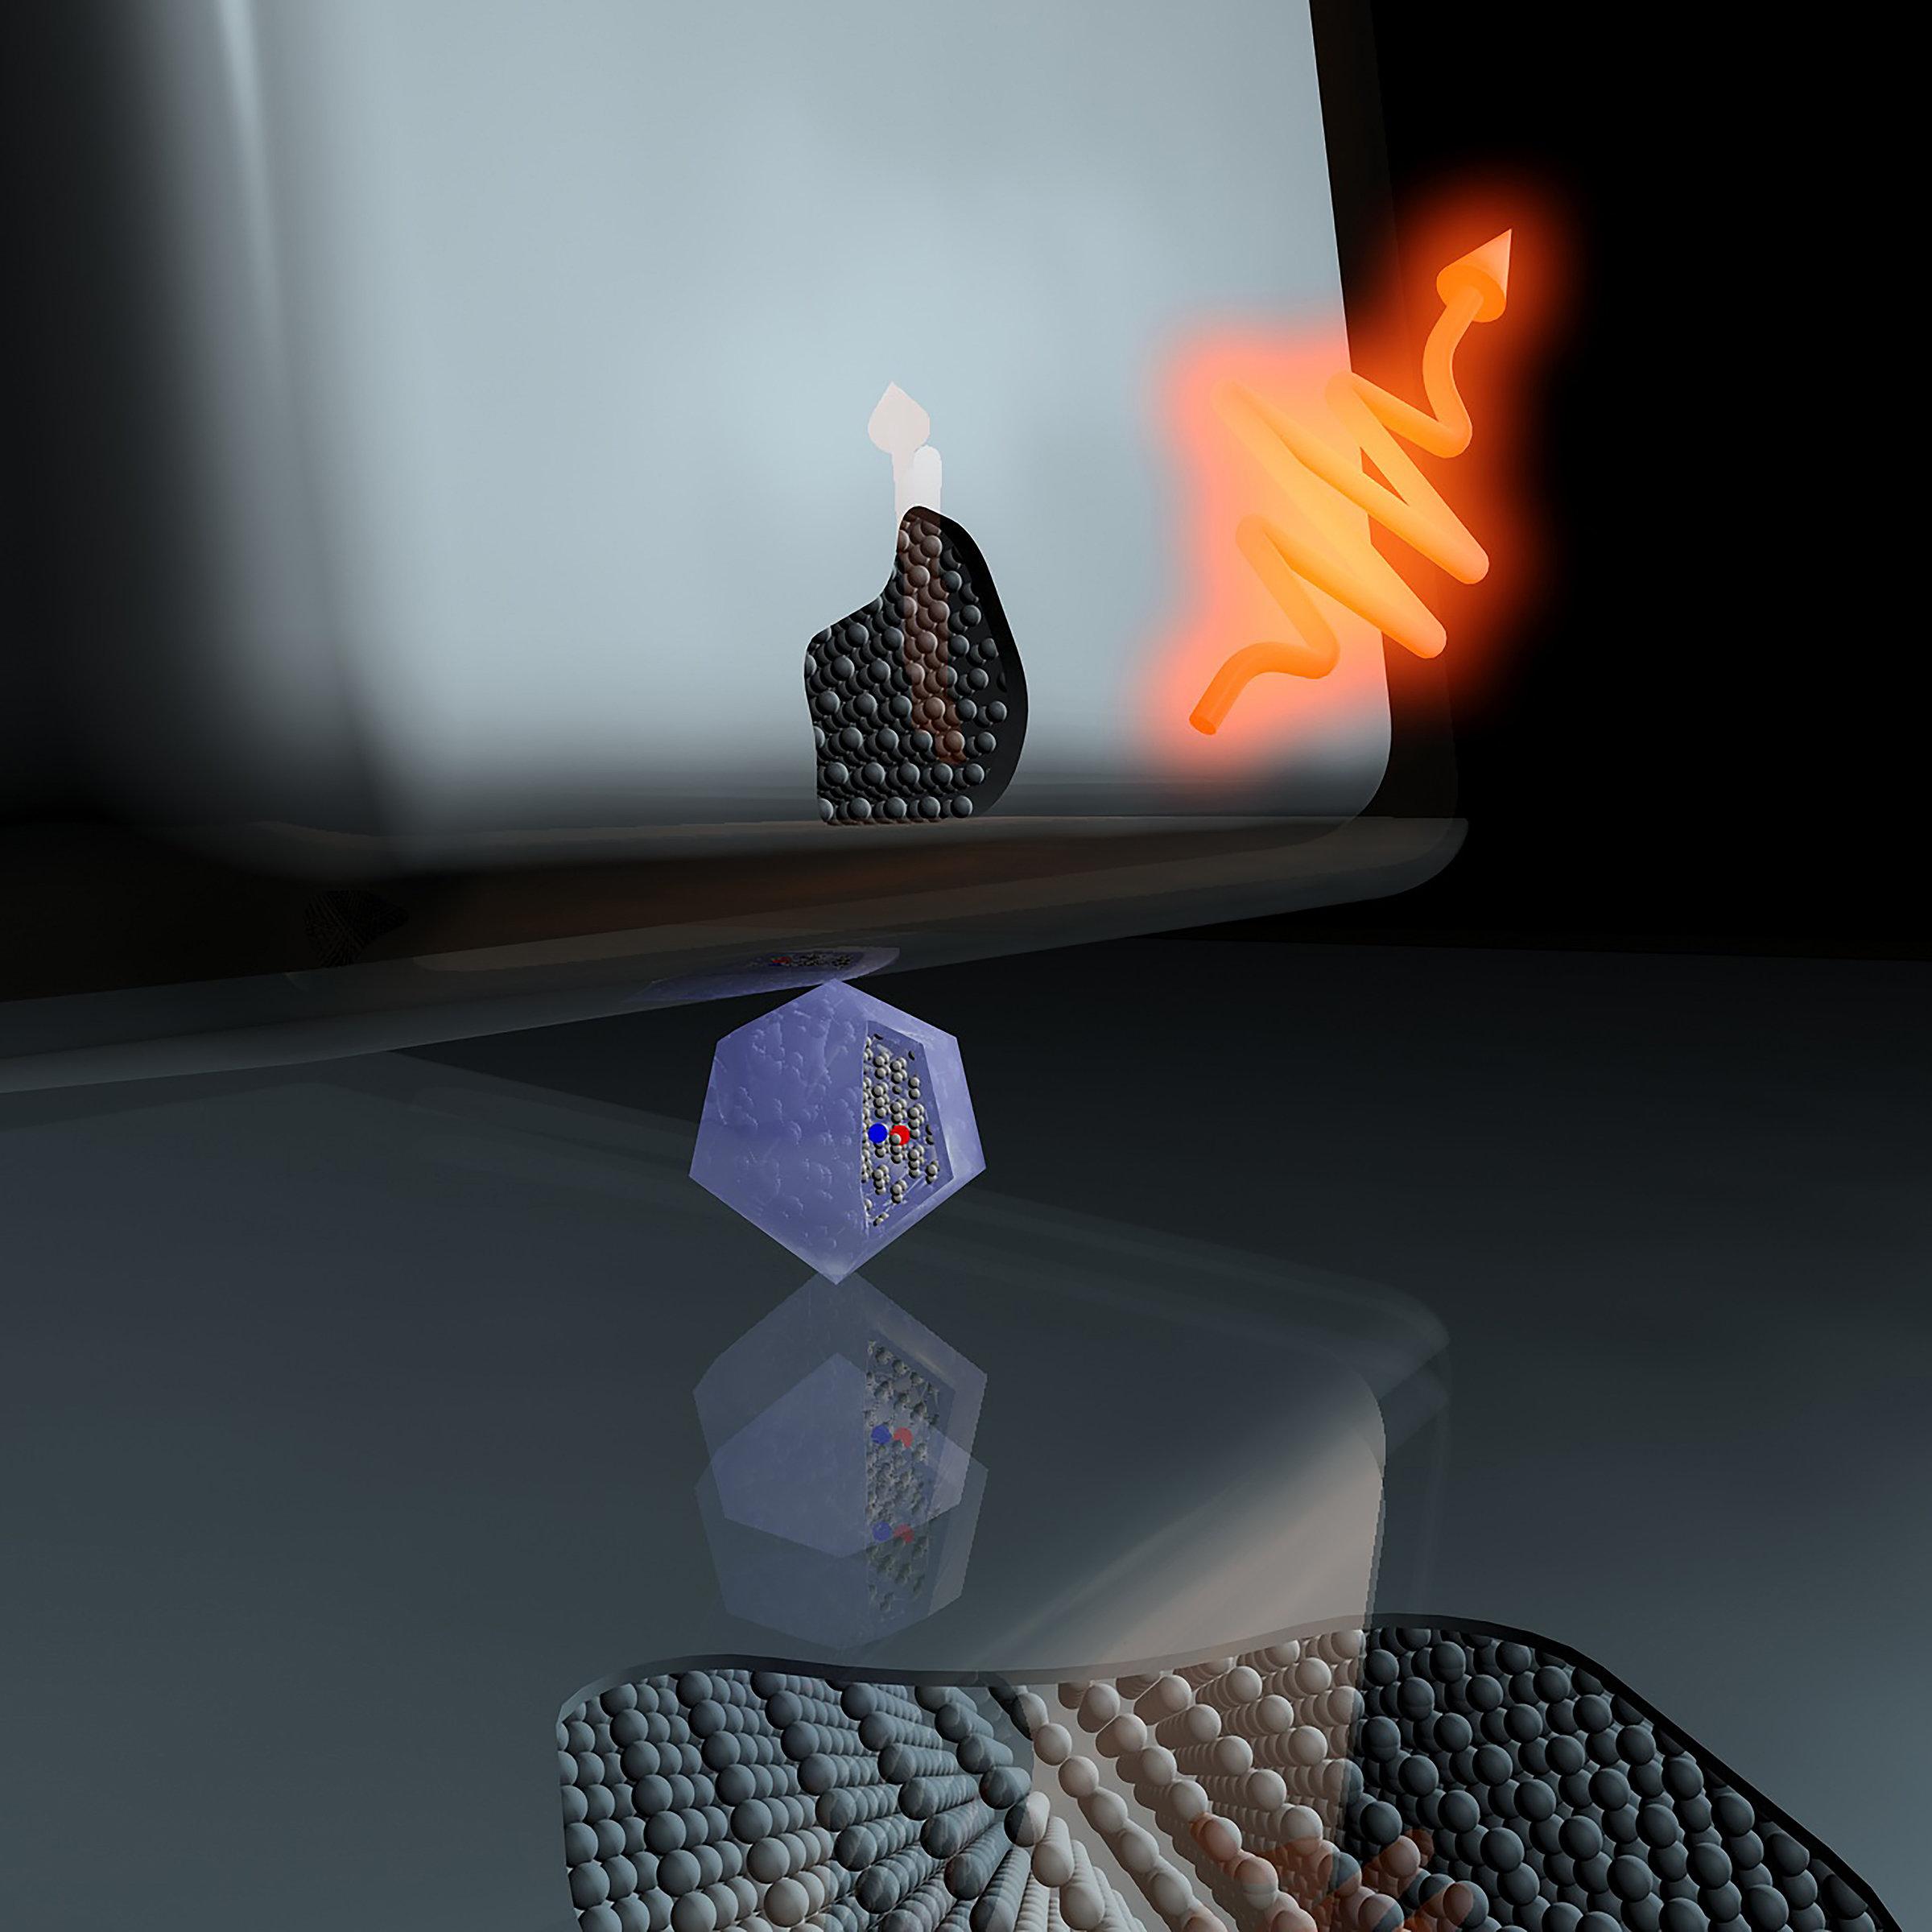 Bude kvantová komunikace hackuvzdorná? Kredit: MIT/ Mikhail Shalaginov.